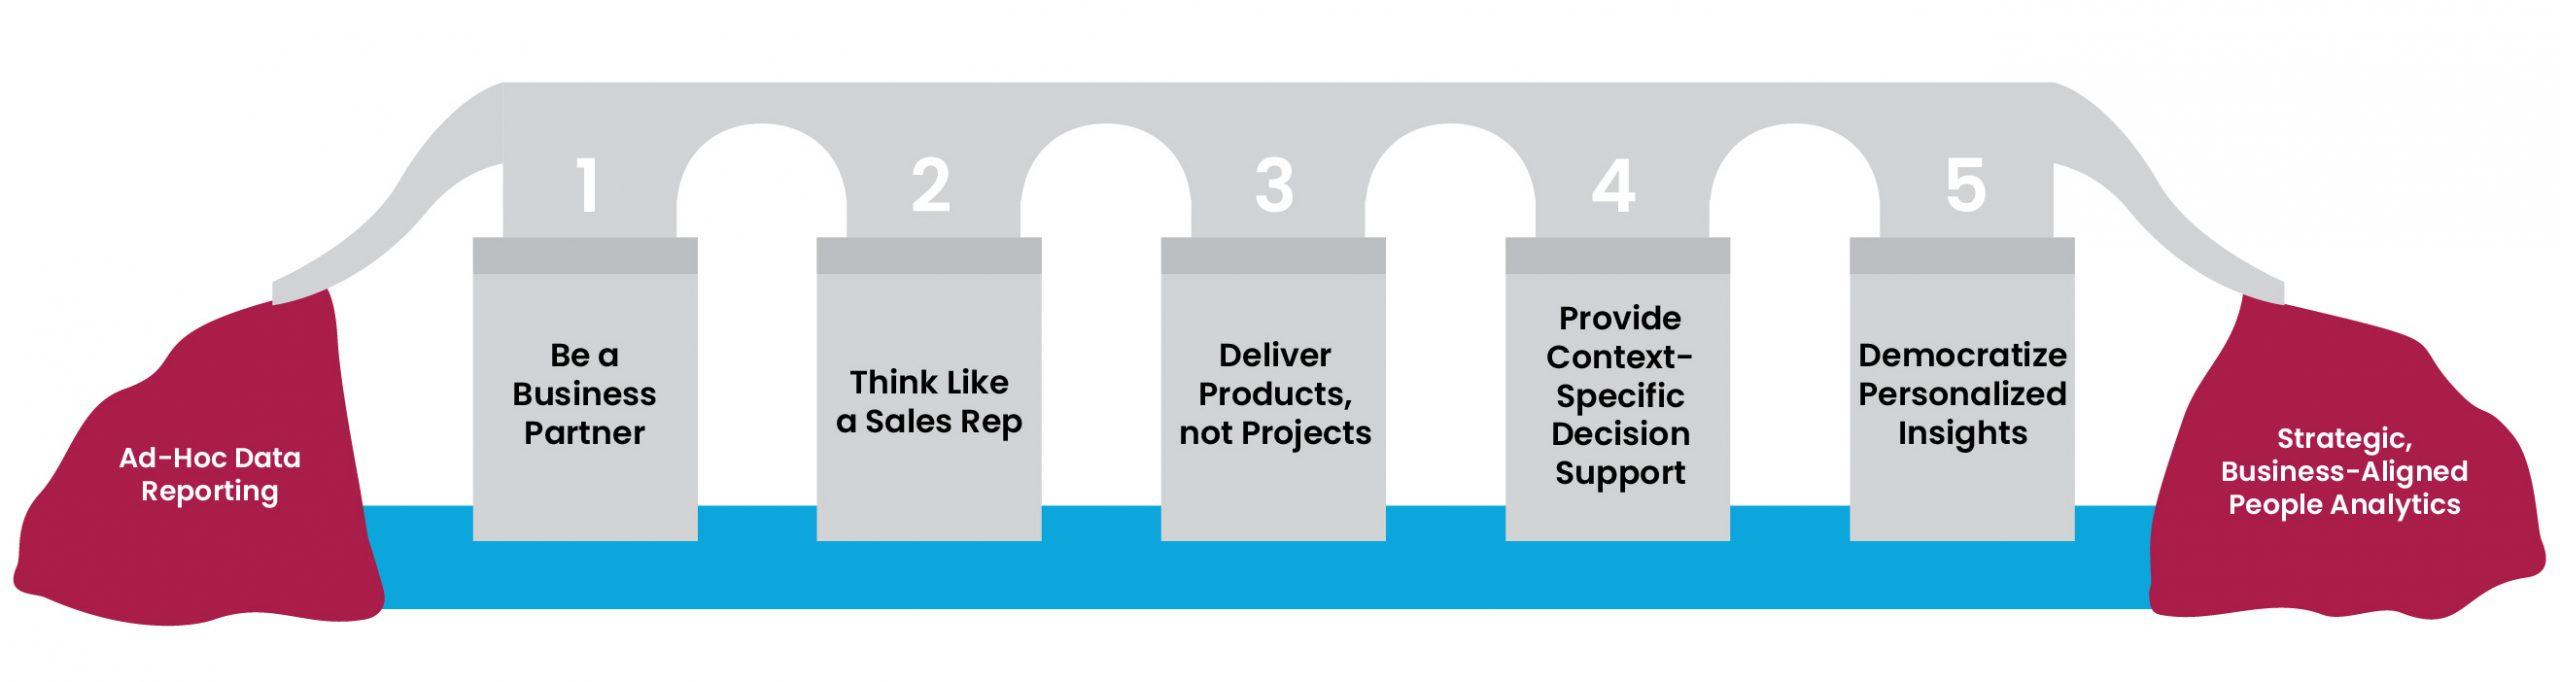 5 pillars figure 1